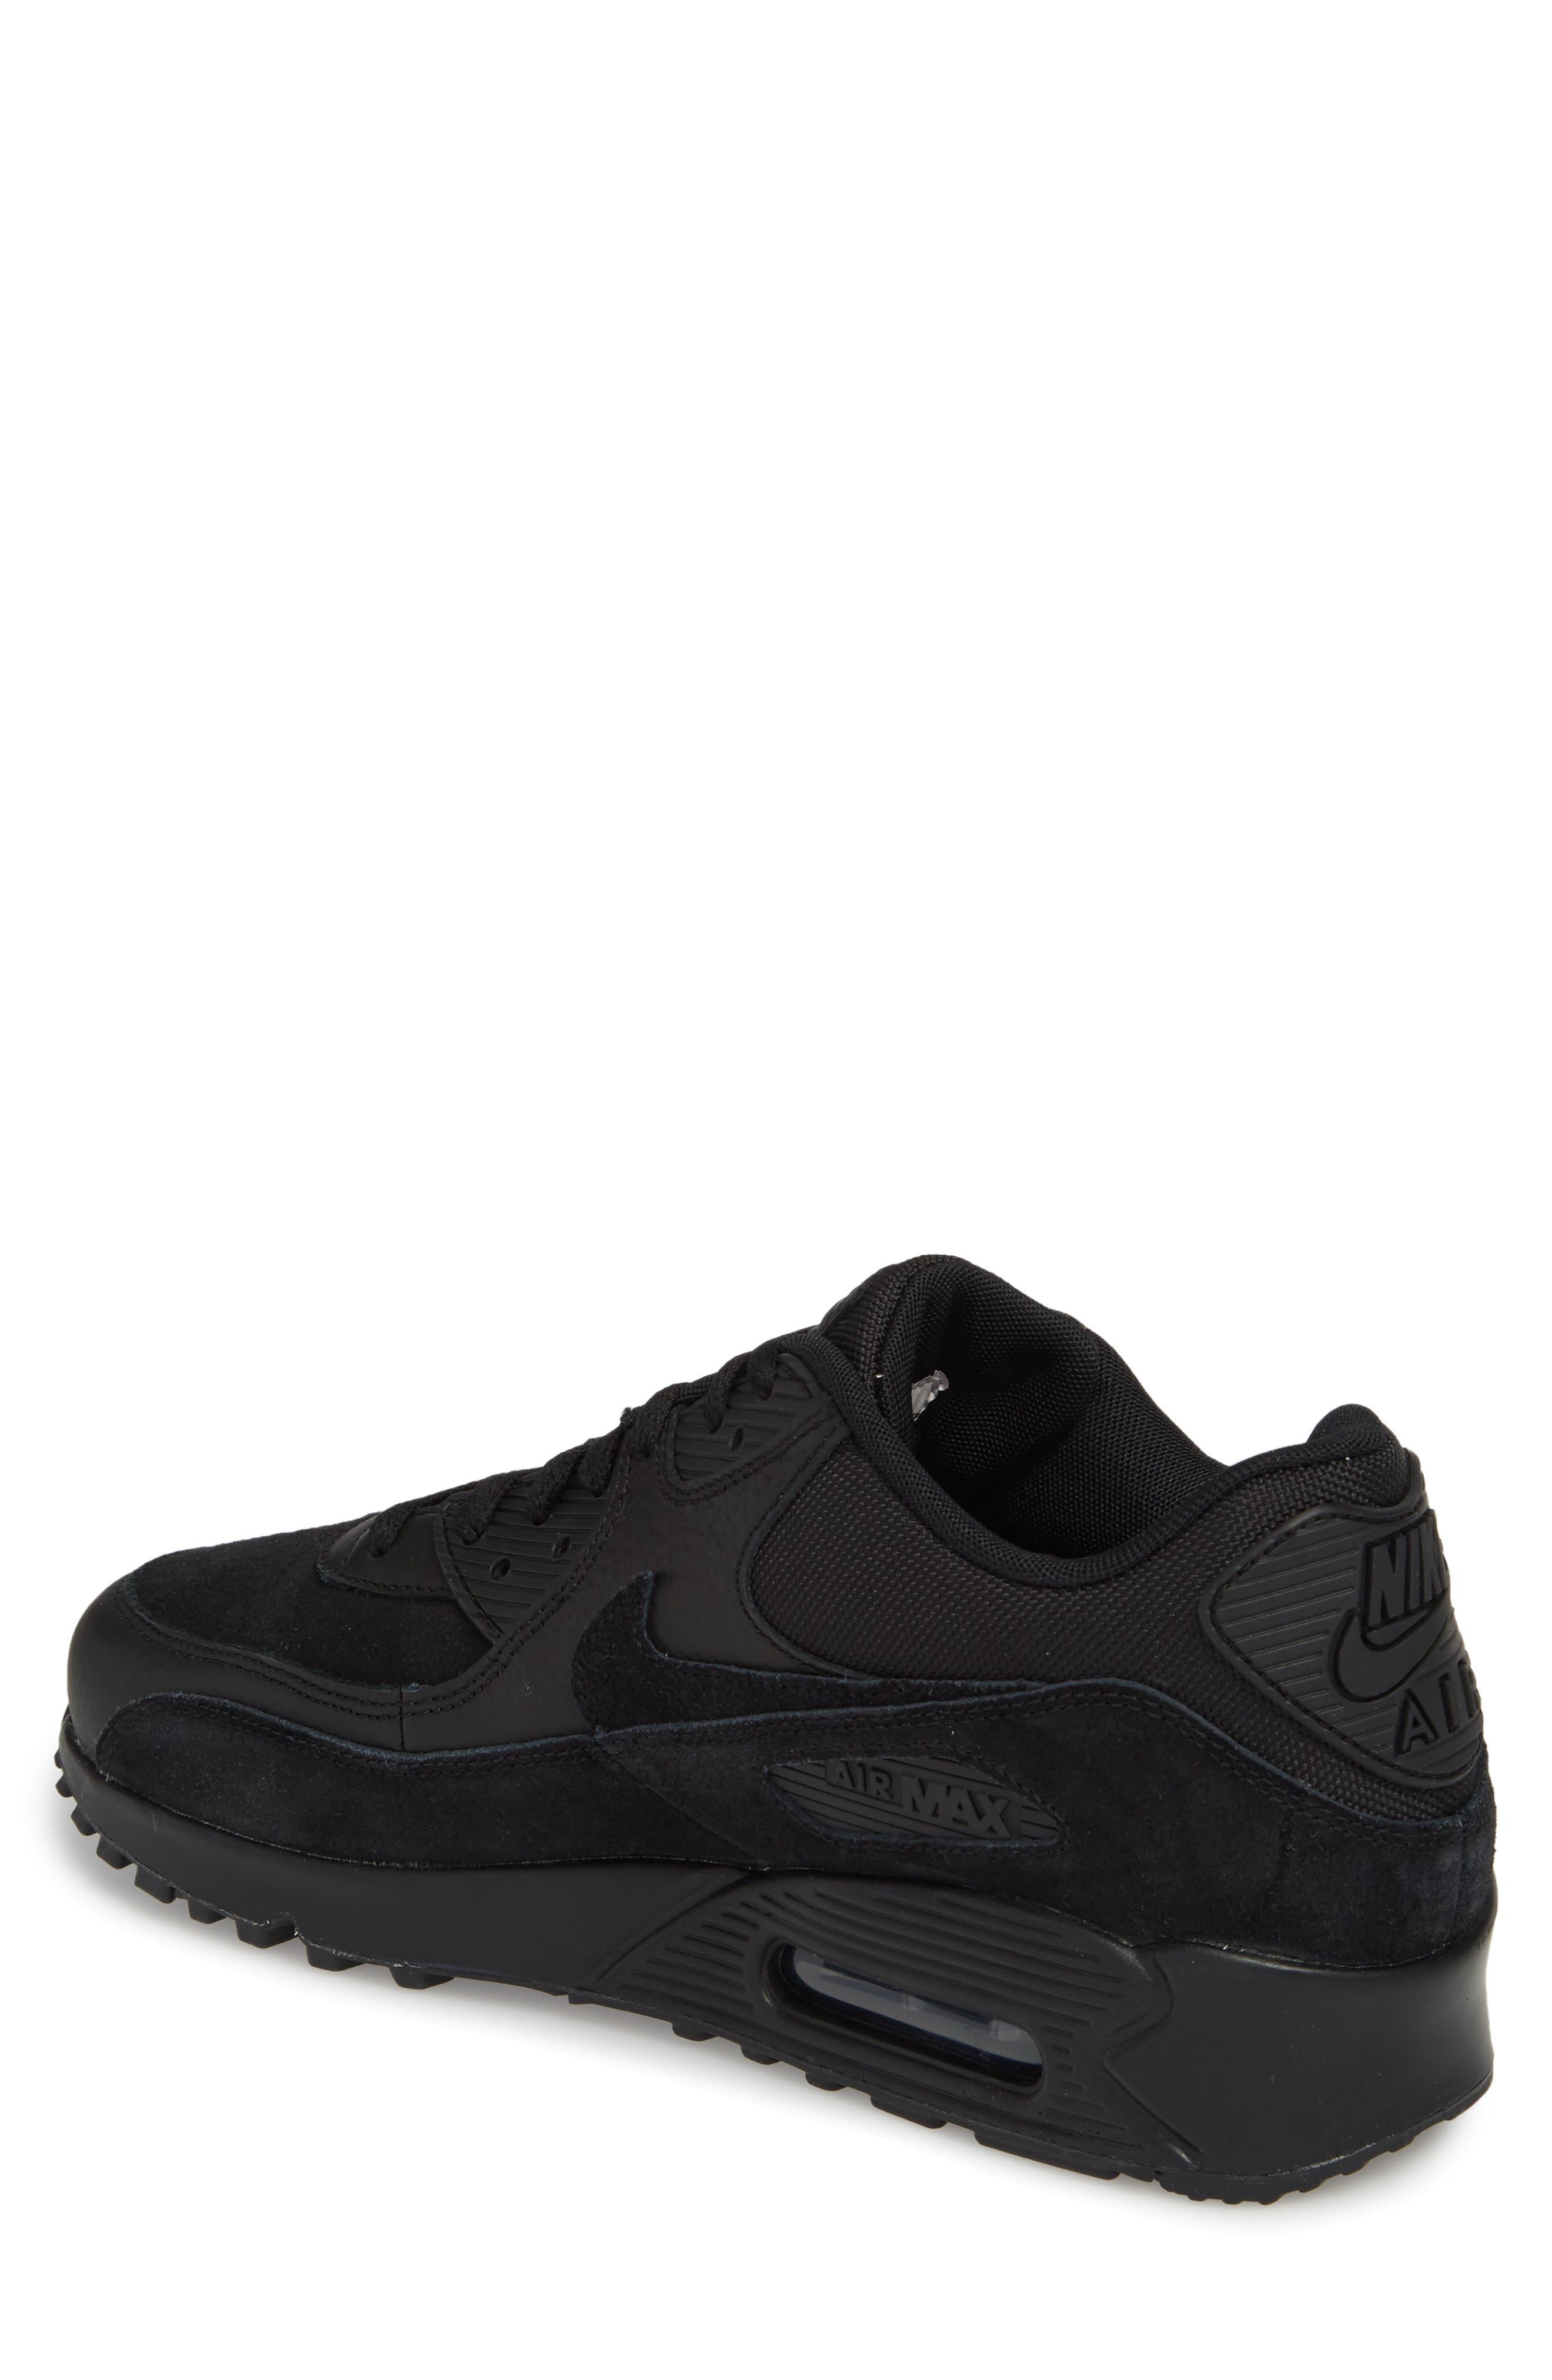 Air Max 90 Premium Sneaker,                             Alternate thumbnail 2, color,                             012